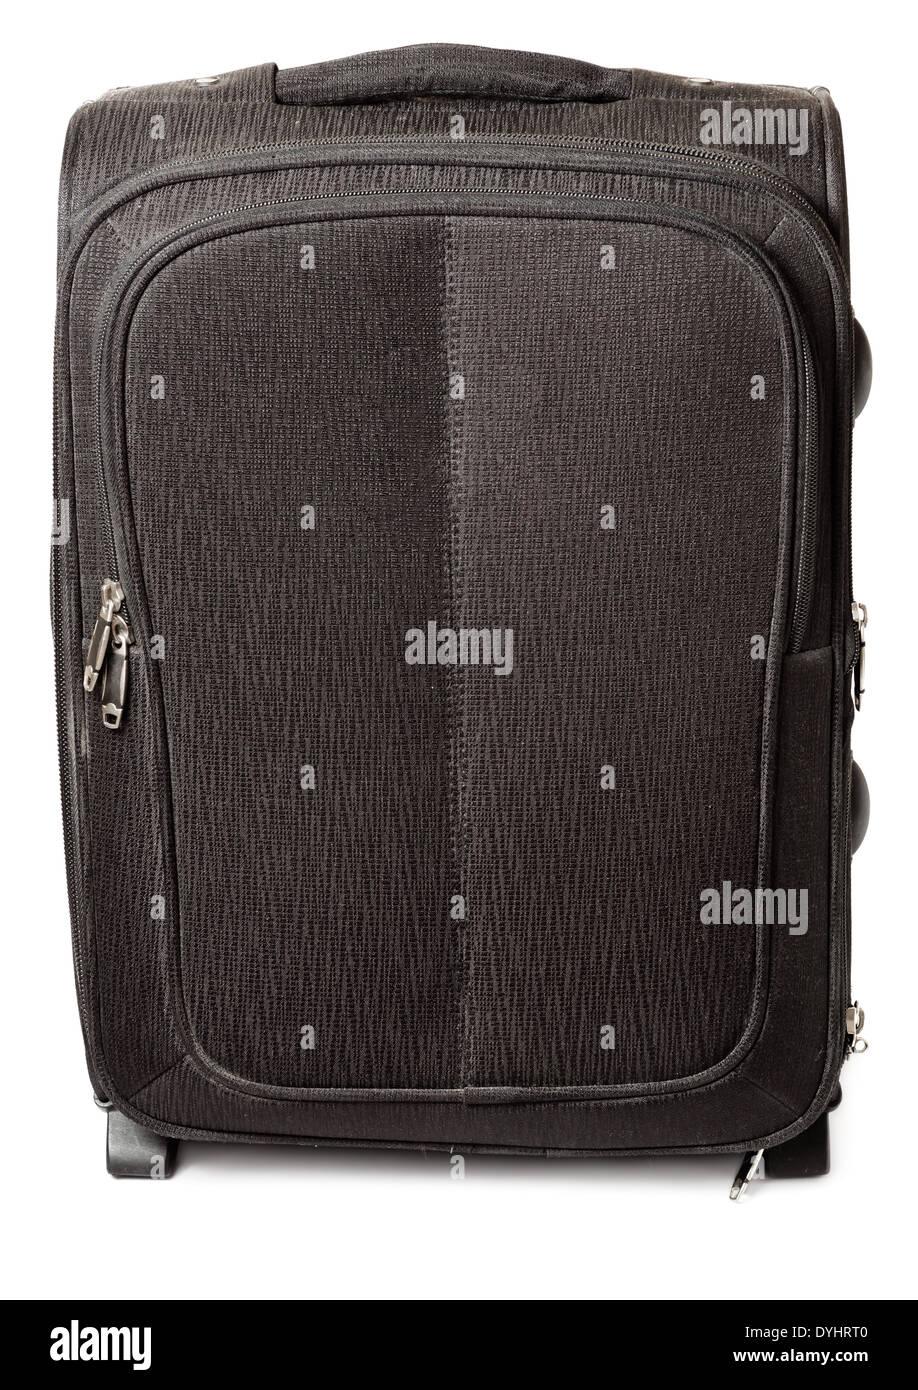 Black travel suitcase isolated on white background - Stock Image